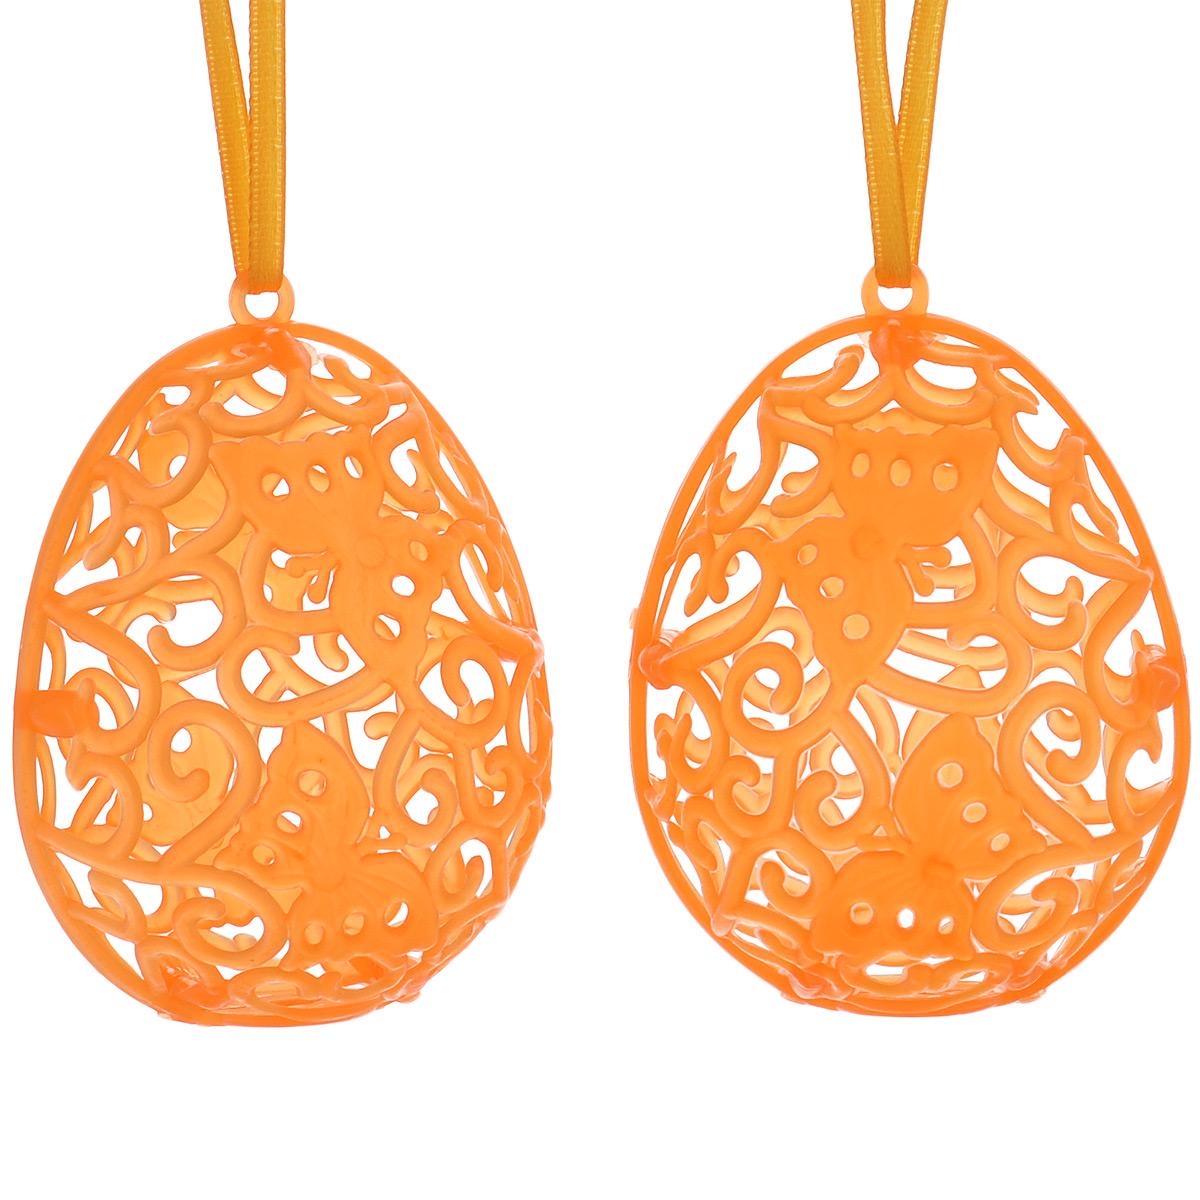 Декоративное подвесное украшение Home Queen Футляр для яйца, цвет: оранжевый, 2 шт64426_2Набор подвесных украшений Home Queen Футляр для яйца состоит из 2 яиц, изготовленных из пластика и оснащенных петелькой для подвешивания. Резные изделия служат оригинальным футляром для пасхальных яиц.Такие украшения сделают праздник еще наряднее! Размер украшения: 7 см х 5 см.